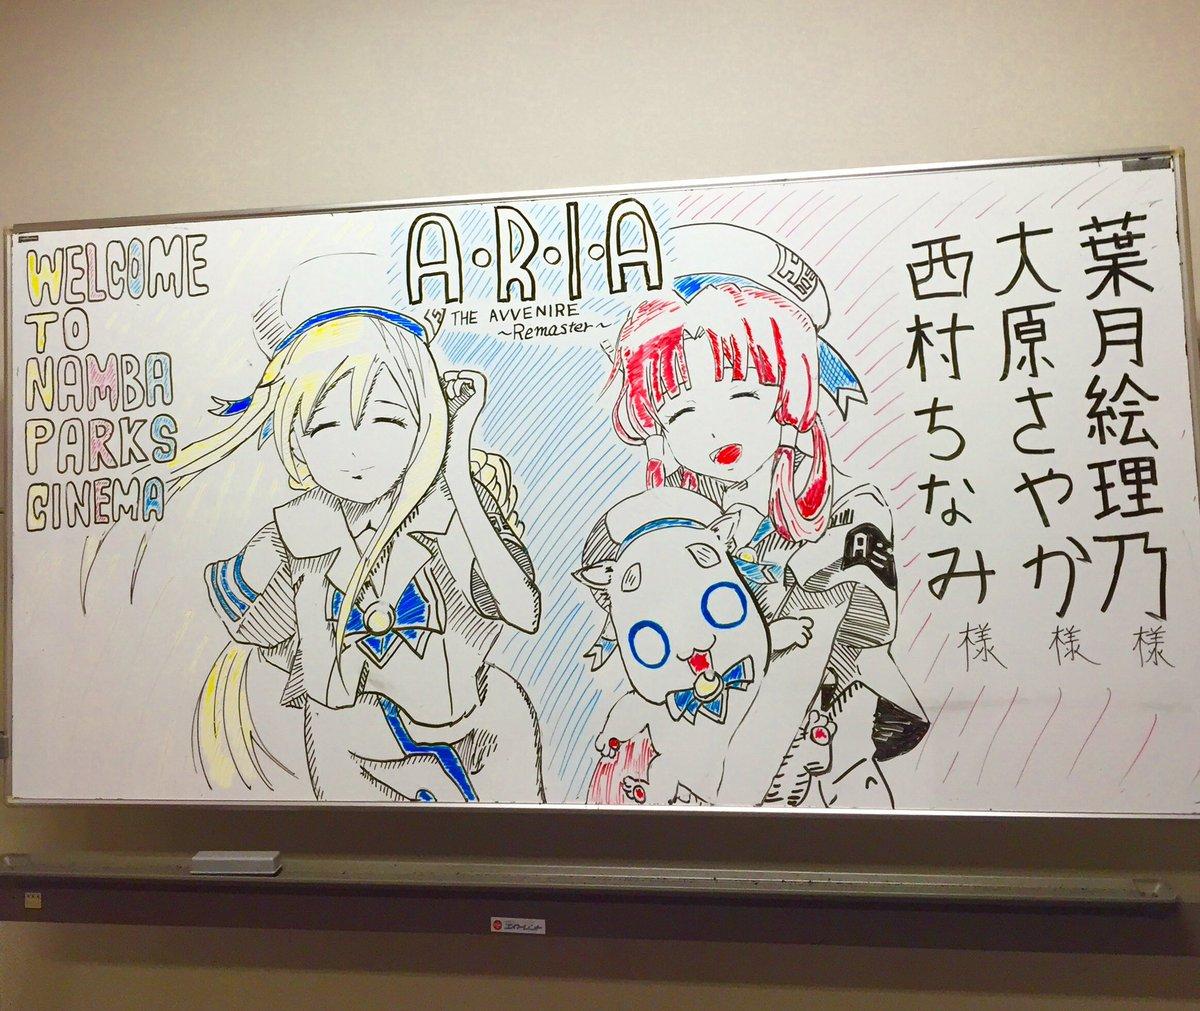 【ARIA】天野こずえ総合 素敵Part3【あまんちゅ!】->画像>456枚